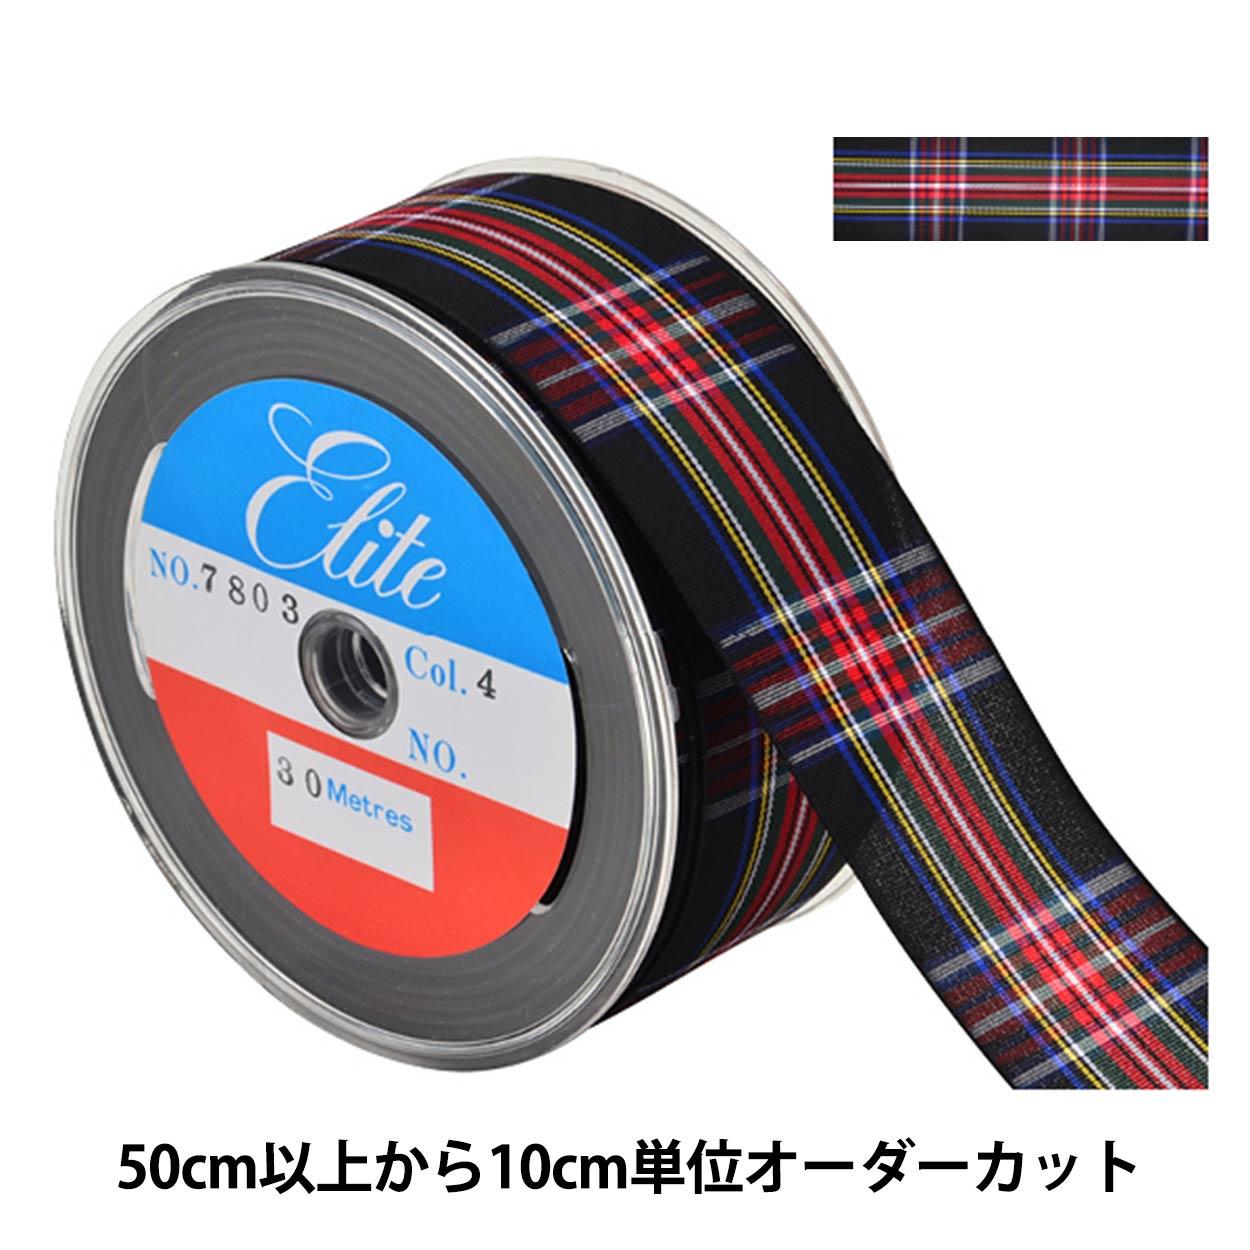 手芸 クラフト 日本最大級の品揃え ラッピングに 数量5から リボン チェックリボン 幅約3.6cm 新作 4番色 7803-4